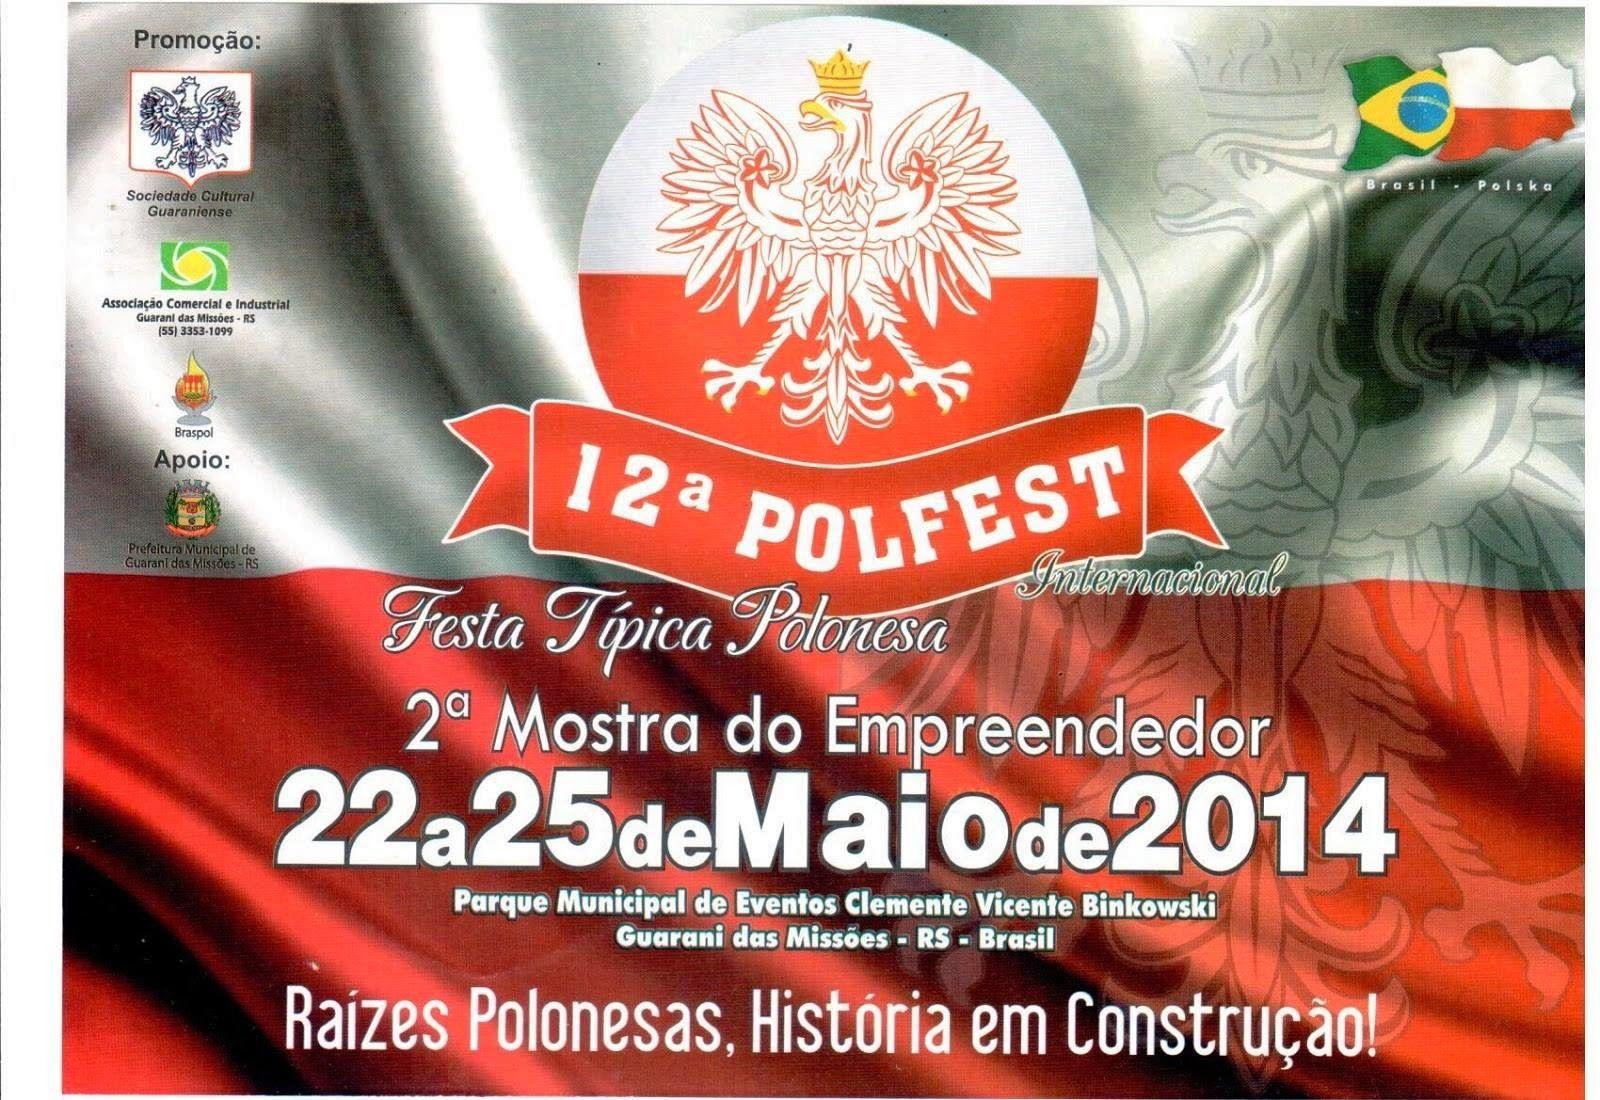 Polfest. Festa Típica Polonesa.